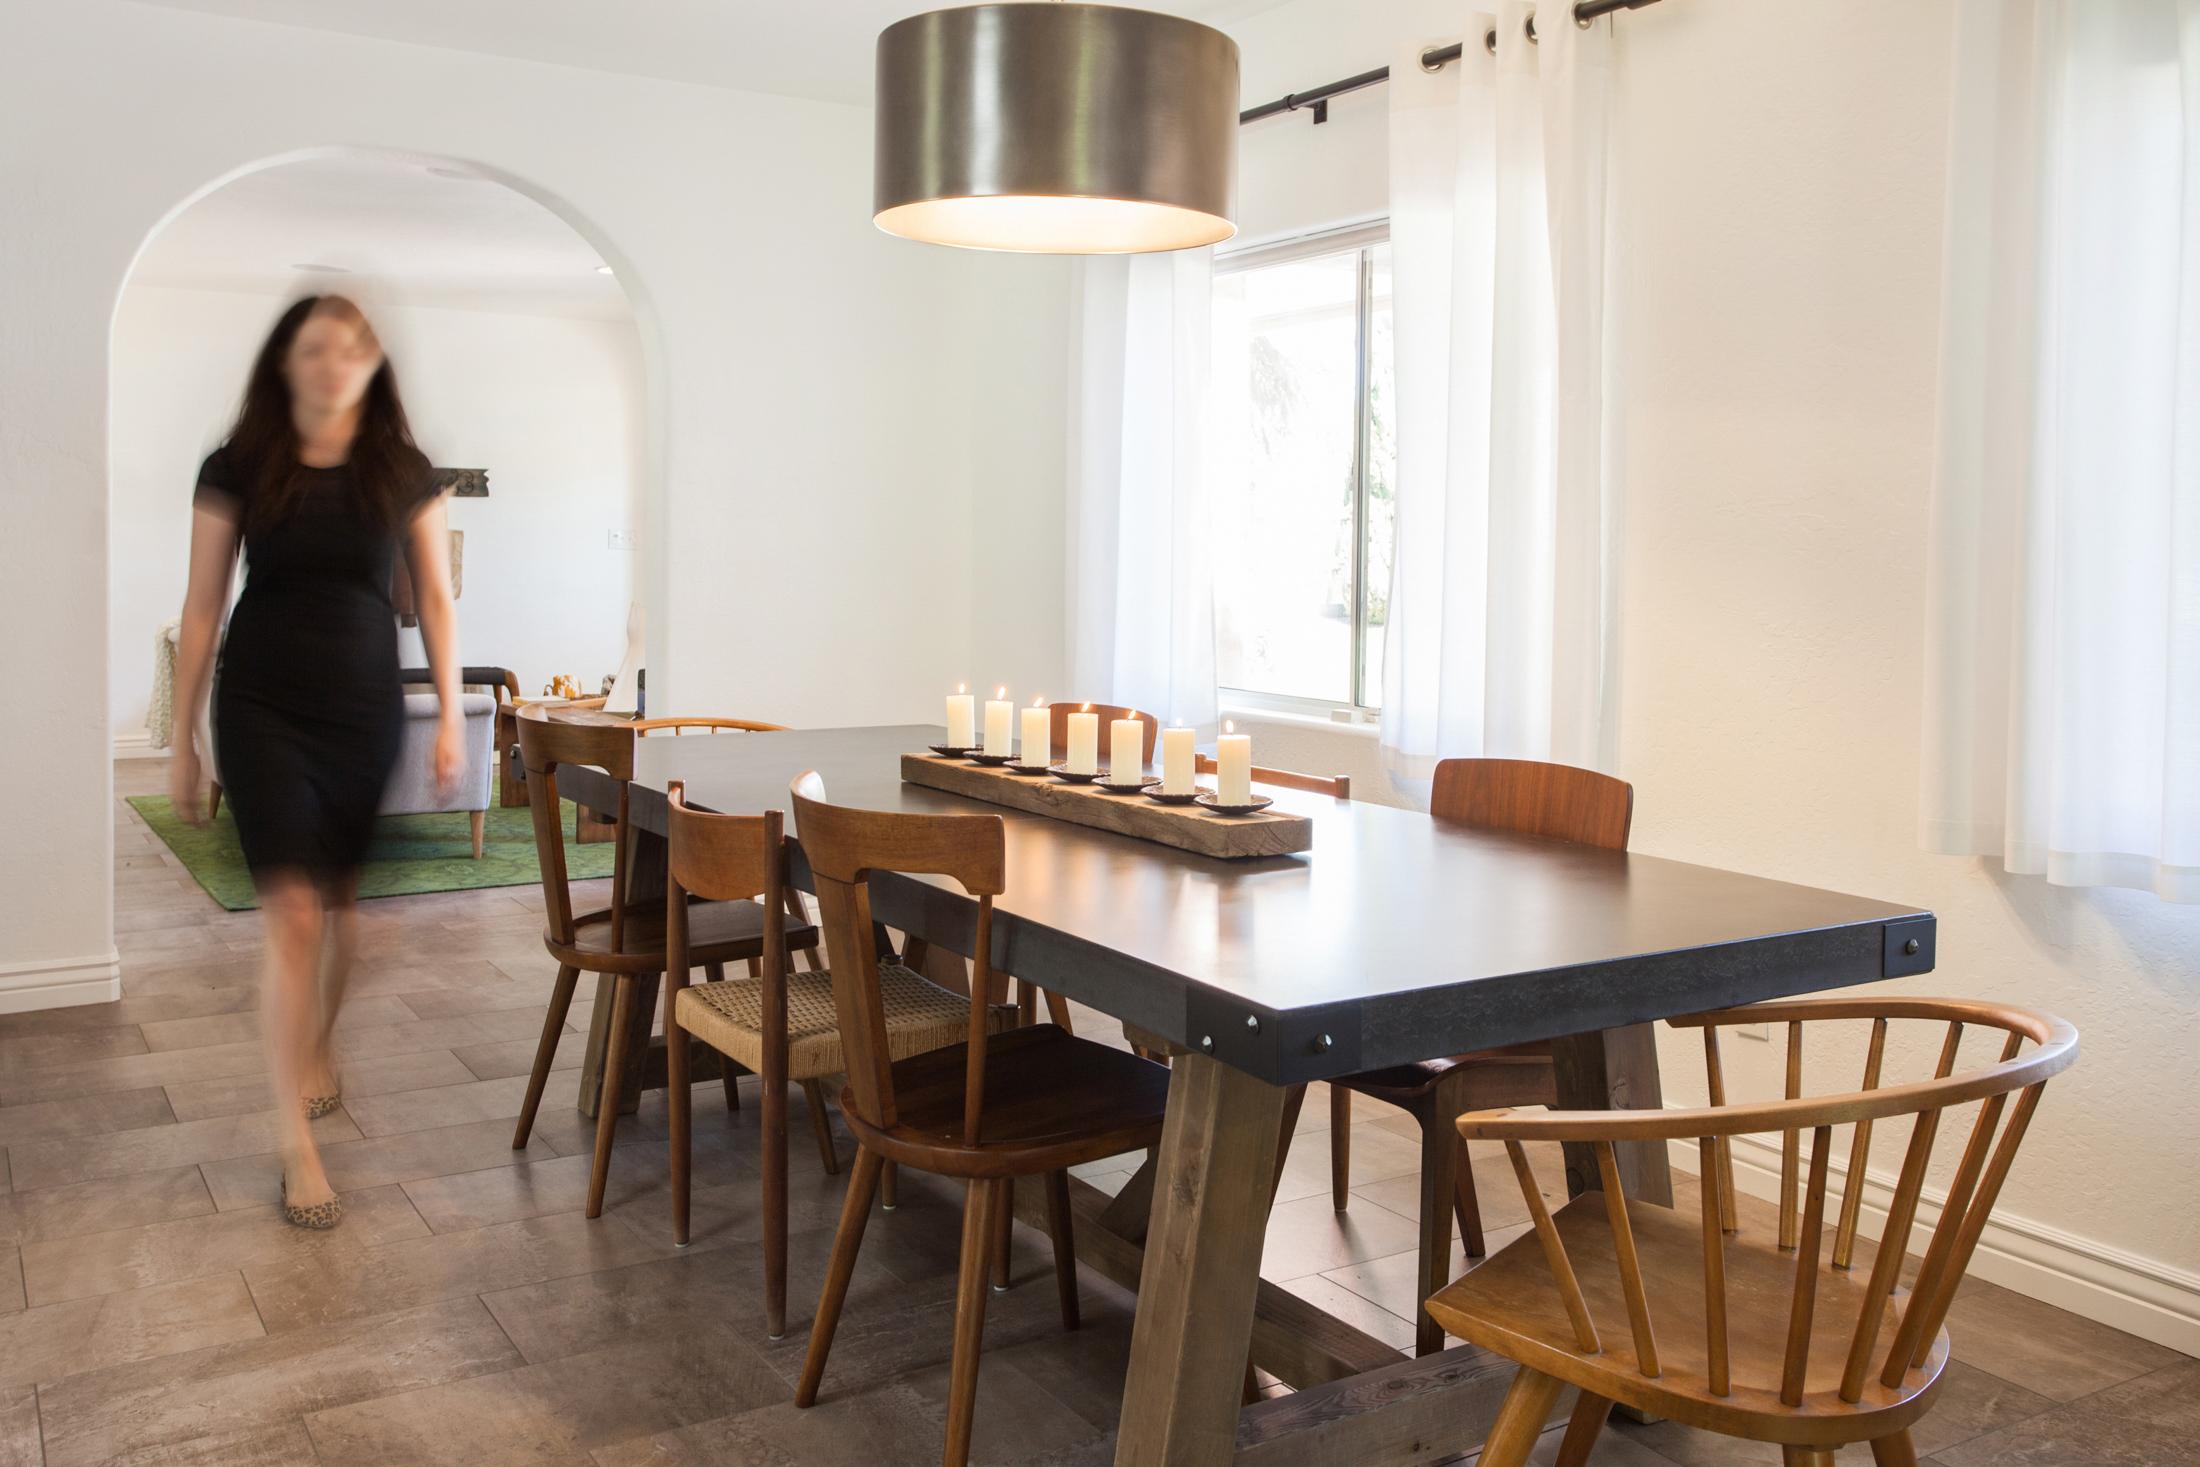 Interior-Design-www.JamesStewart.photo-17.jpg